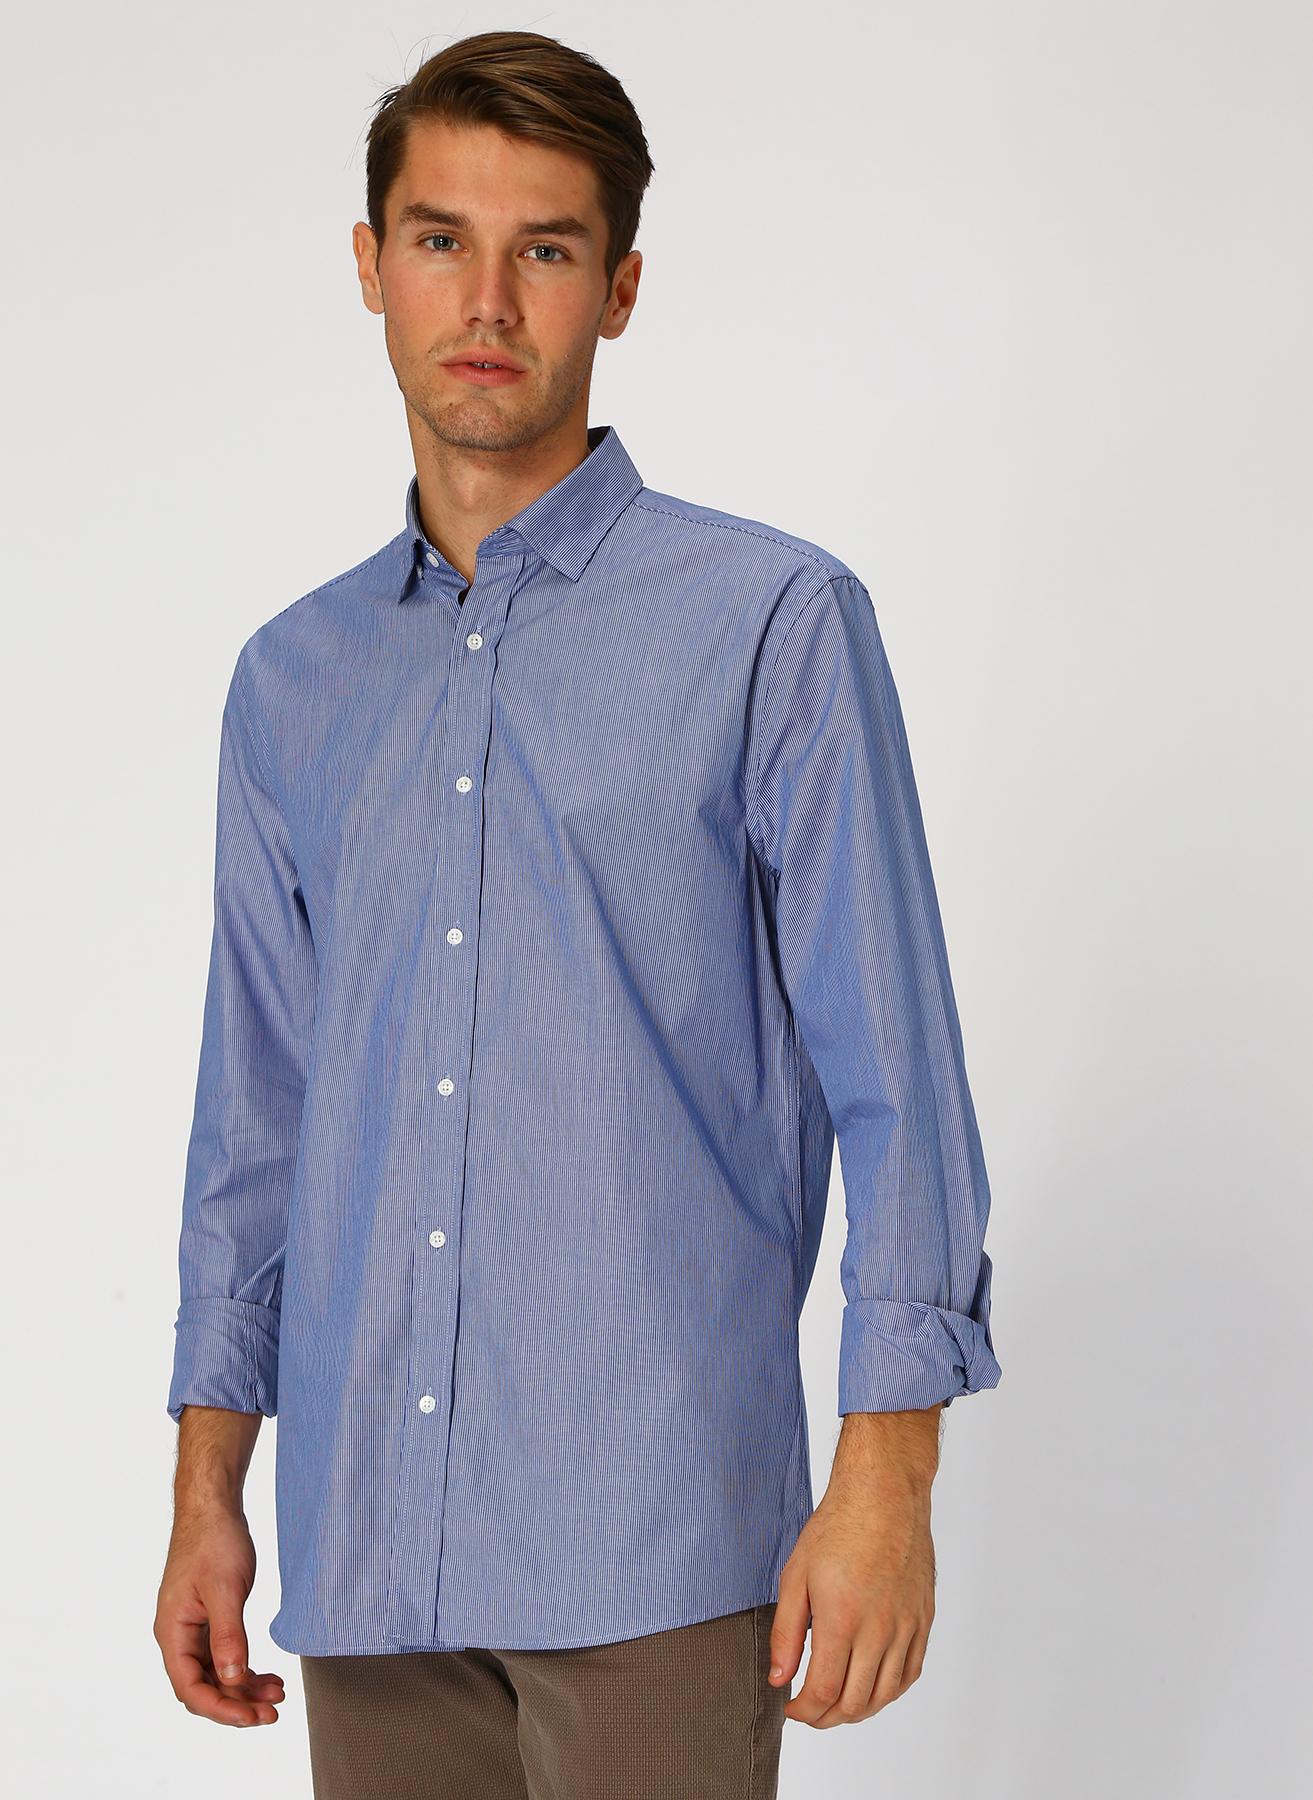 Cotton Bar Mavi Gömlek 2XL 5001632881005 Ürün Resmi